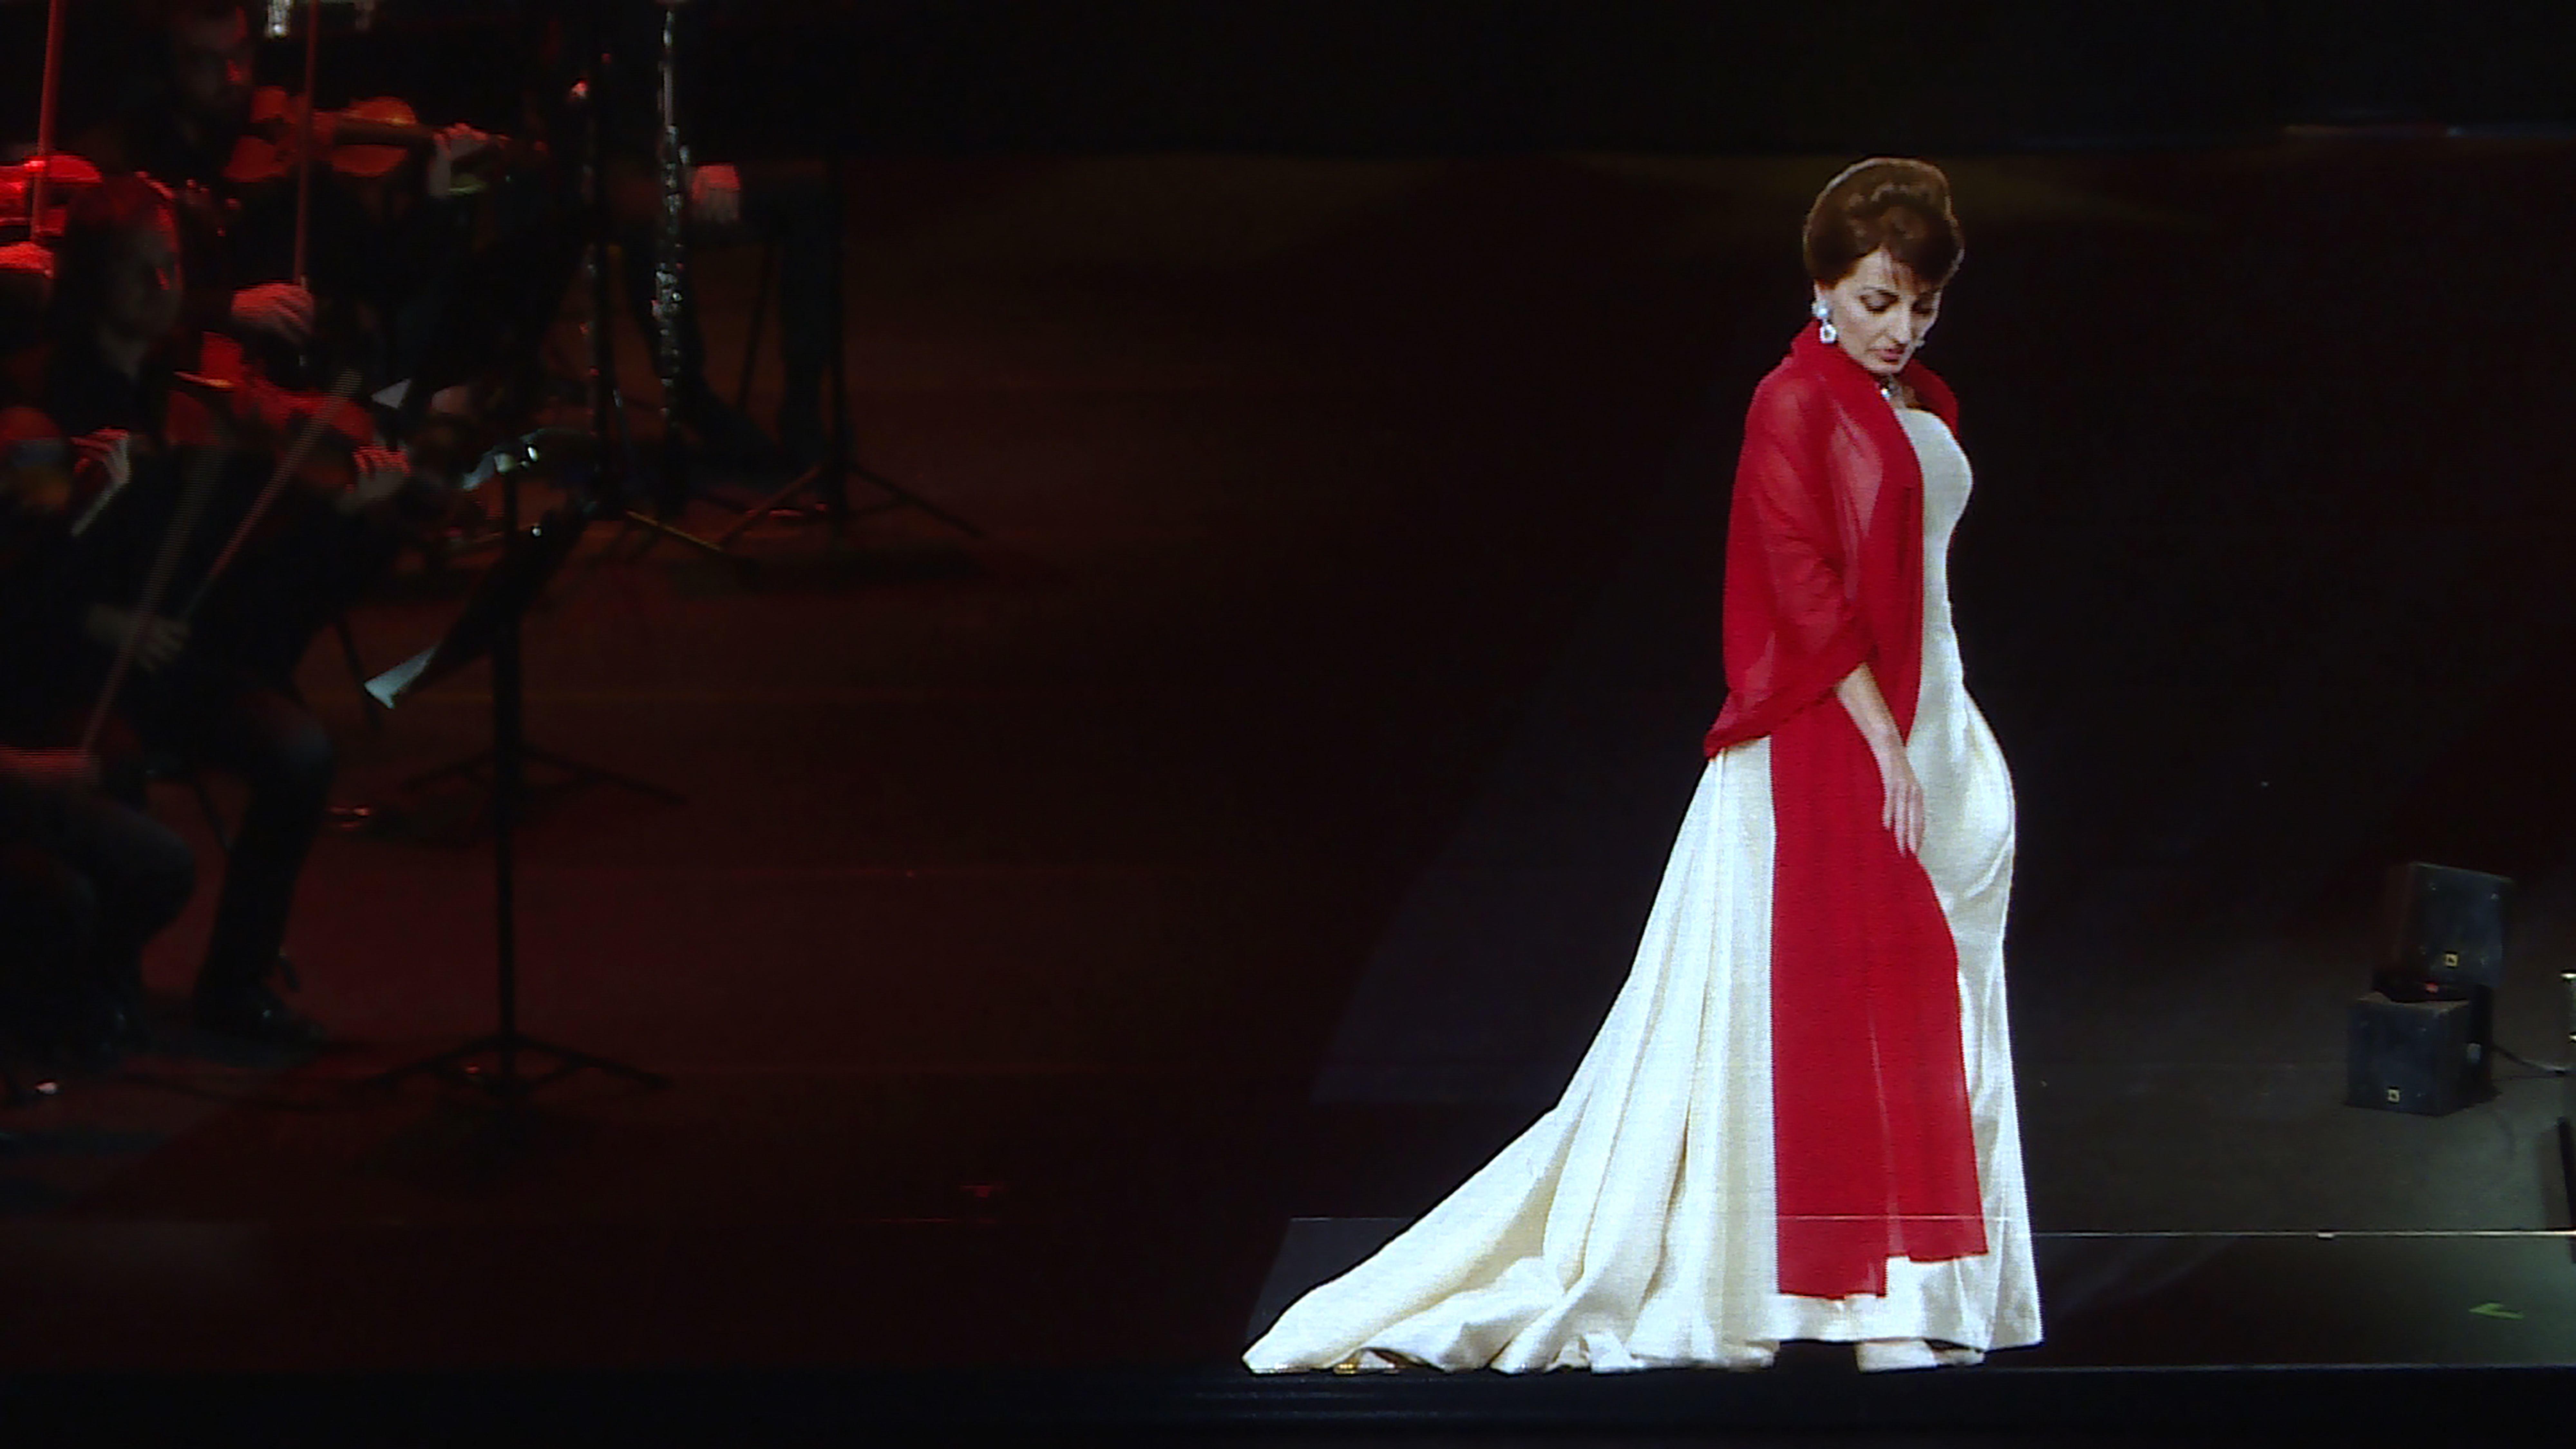 Η Μαρία Κάλλας «επέστρεψε» στη σκηνή - Το ολόγραμμα 41 χρόνια μετά τον θάνατο